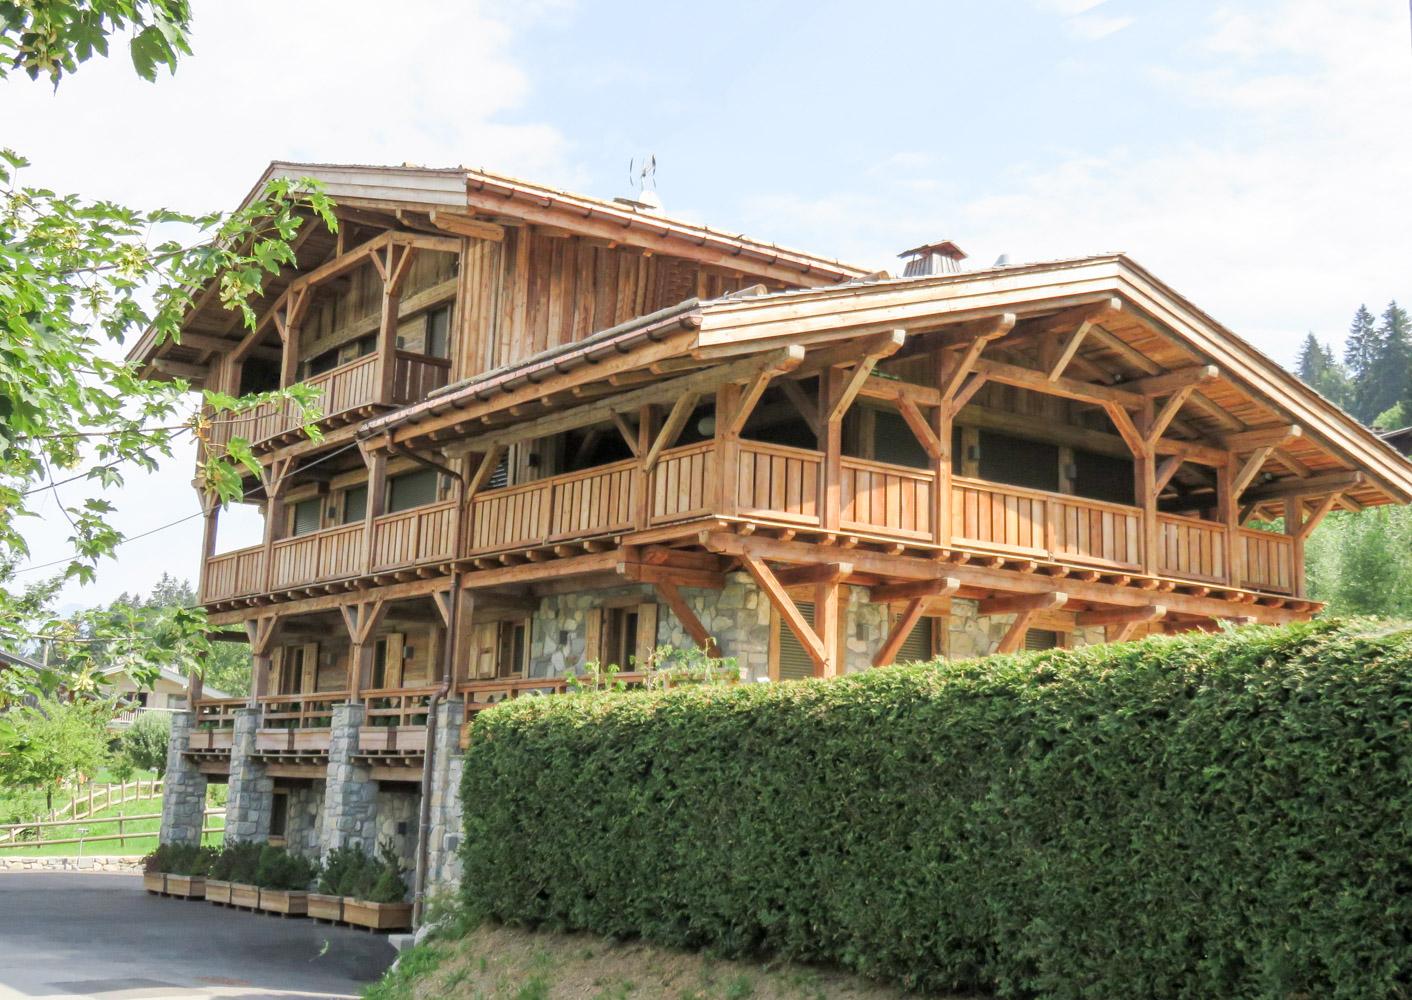 Charpente bois chalet obtenez des id es de - Architecture du bois ...